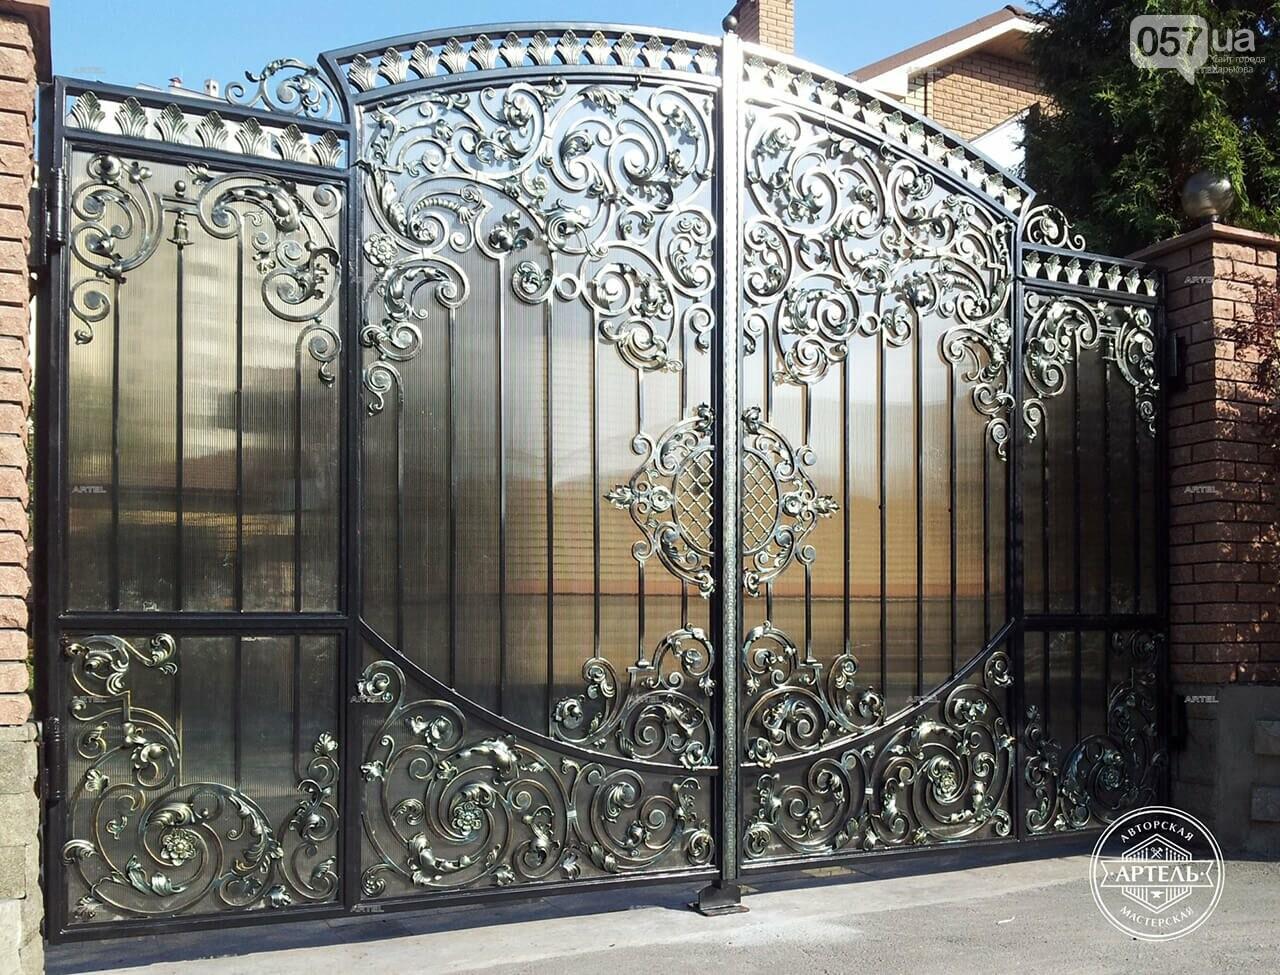 Кованые ворота в Киеве: какой тип ворот заказать?, фото-2